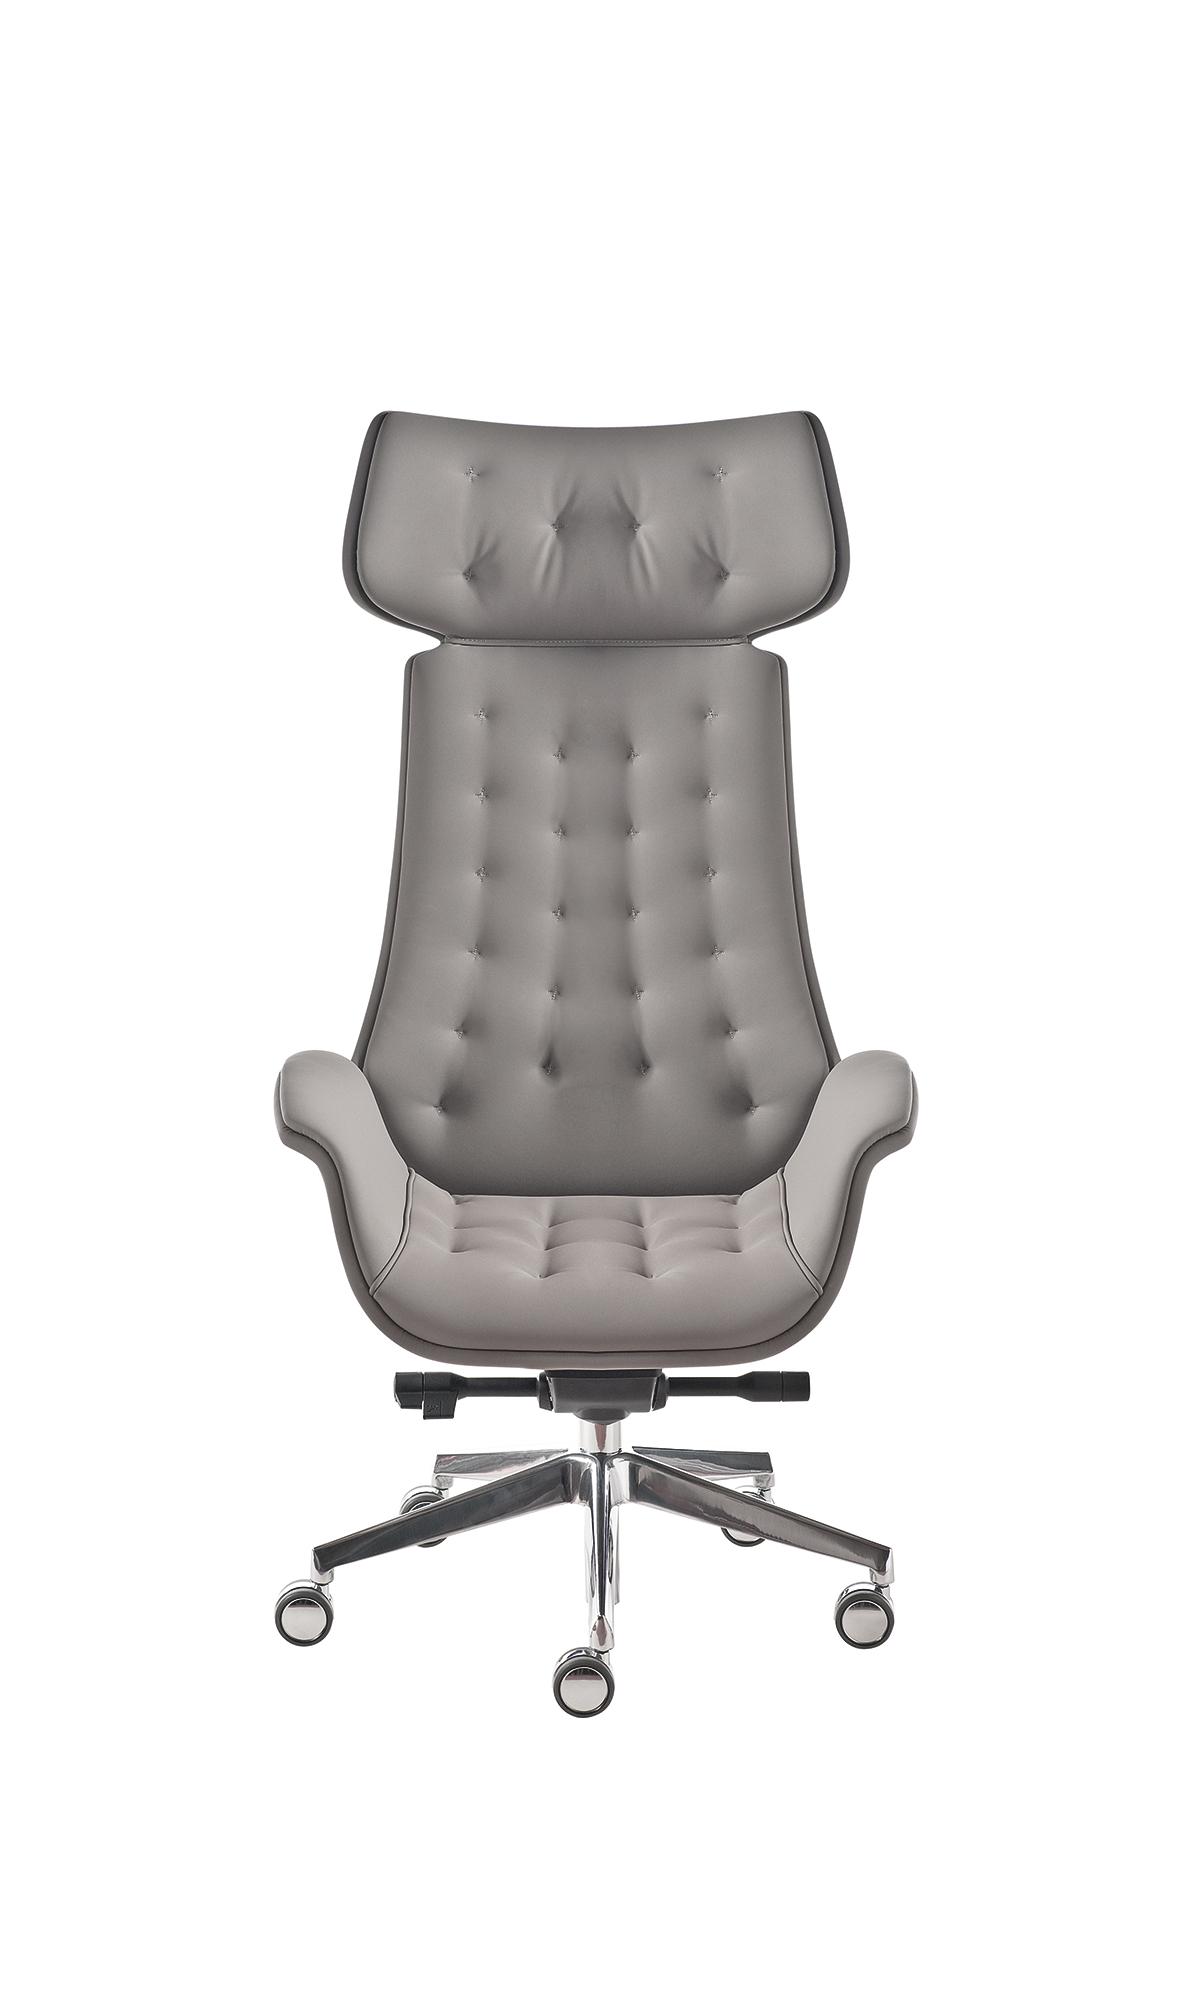 Kriteria kastel sedute per ufficio comunit e casa for Kastel sedie